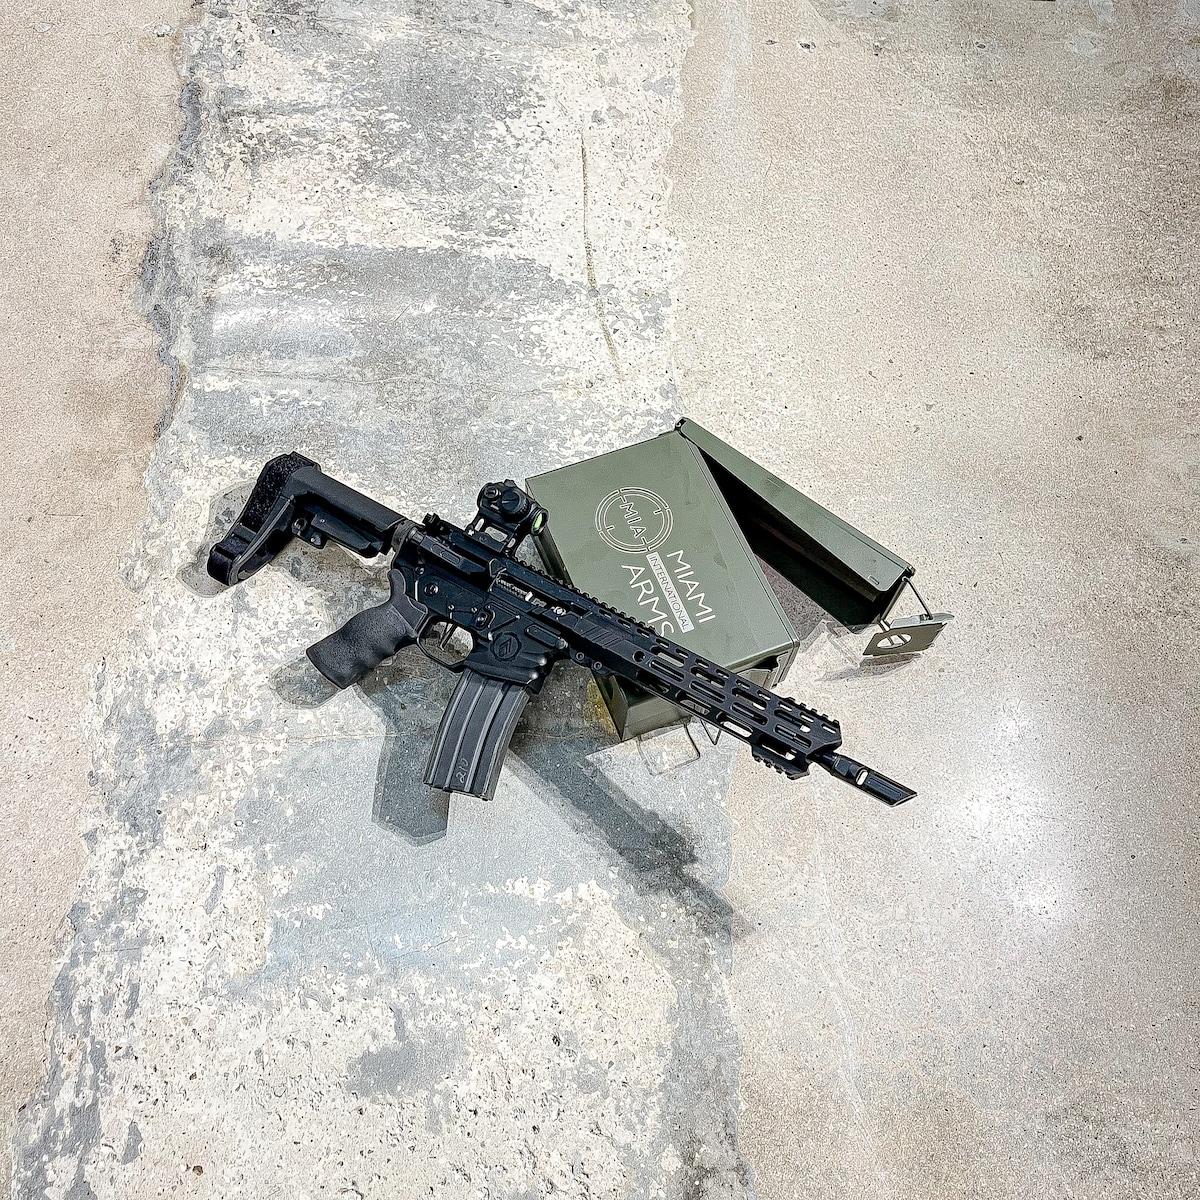 3RD GEN TACTICAL ULTRALIGHT CARBINE AR-15 PISTOL